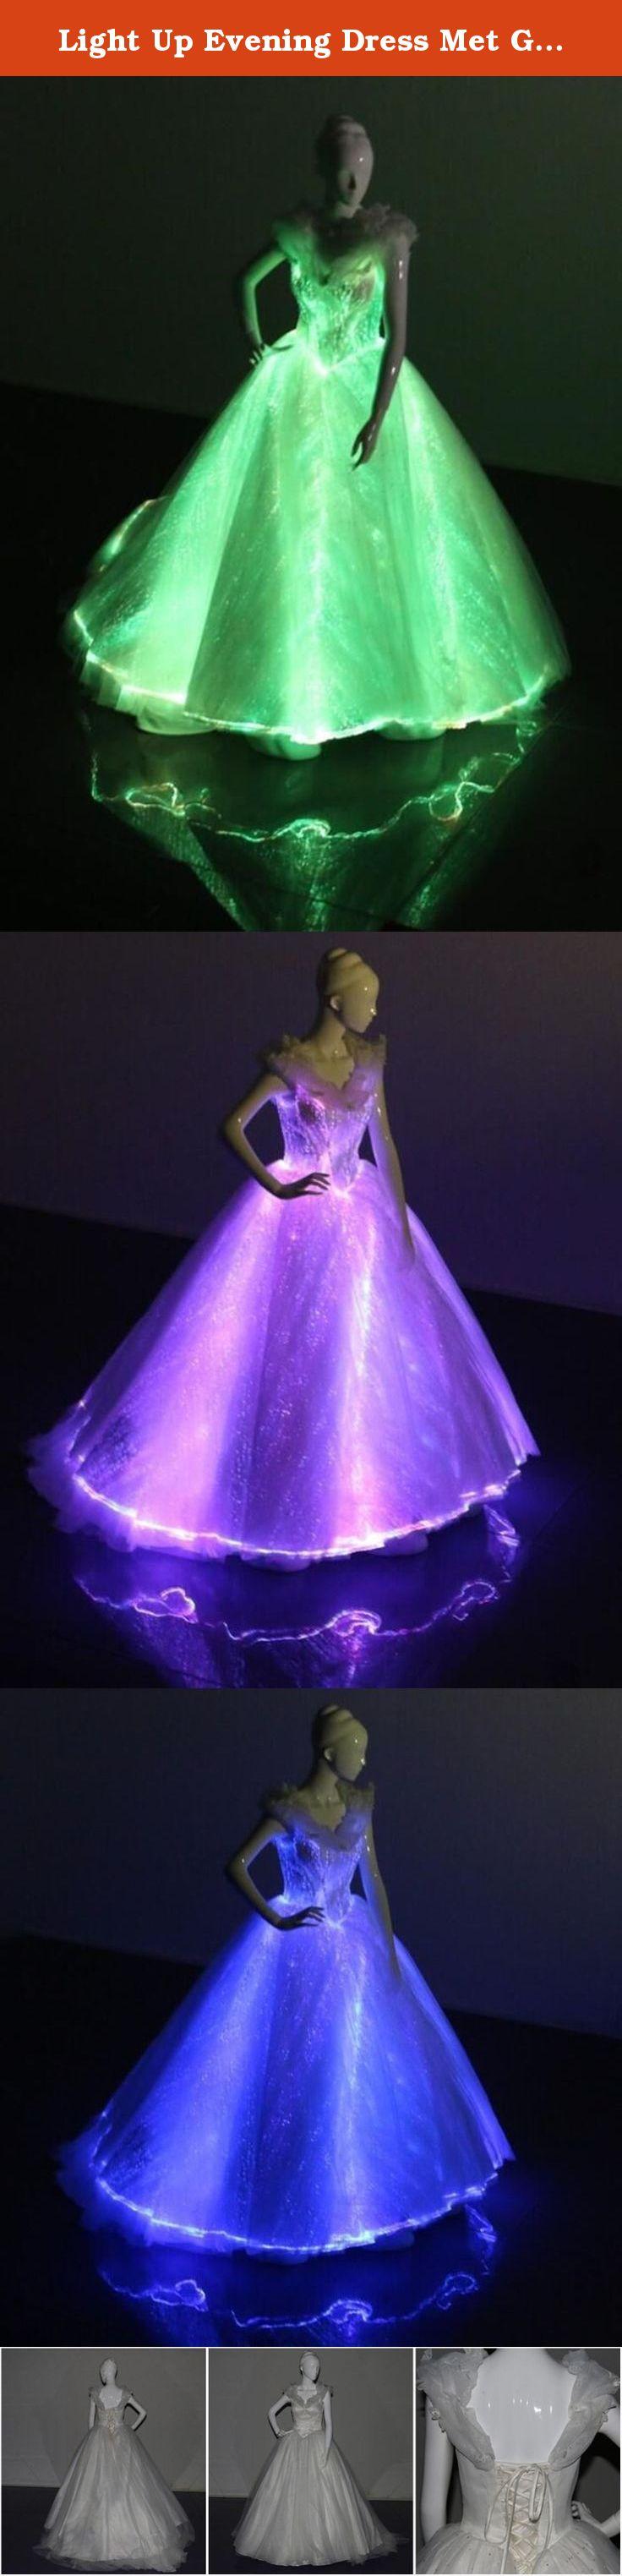 Fiber optic wedding dress  Light Up Evening Dress Met Gala Gown Glowinthedark Wedding Dress